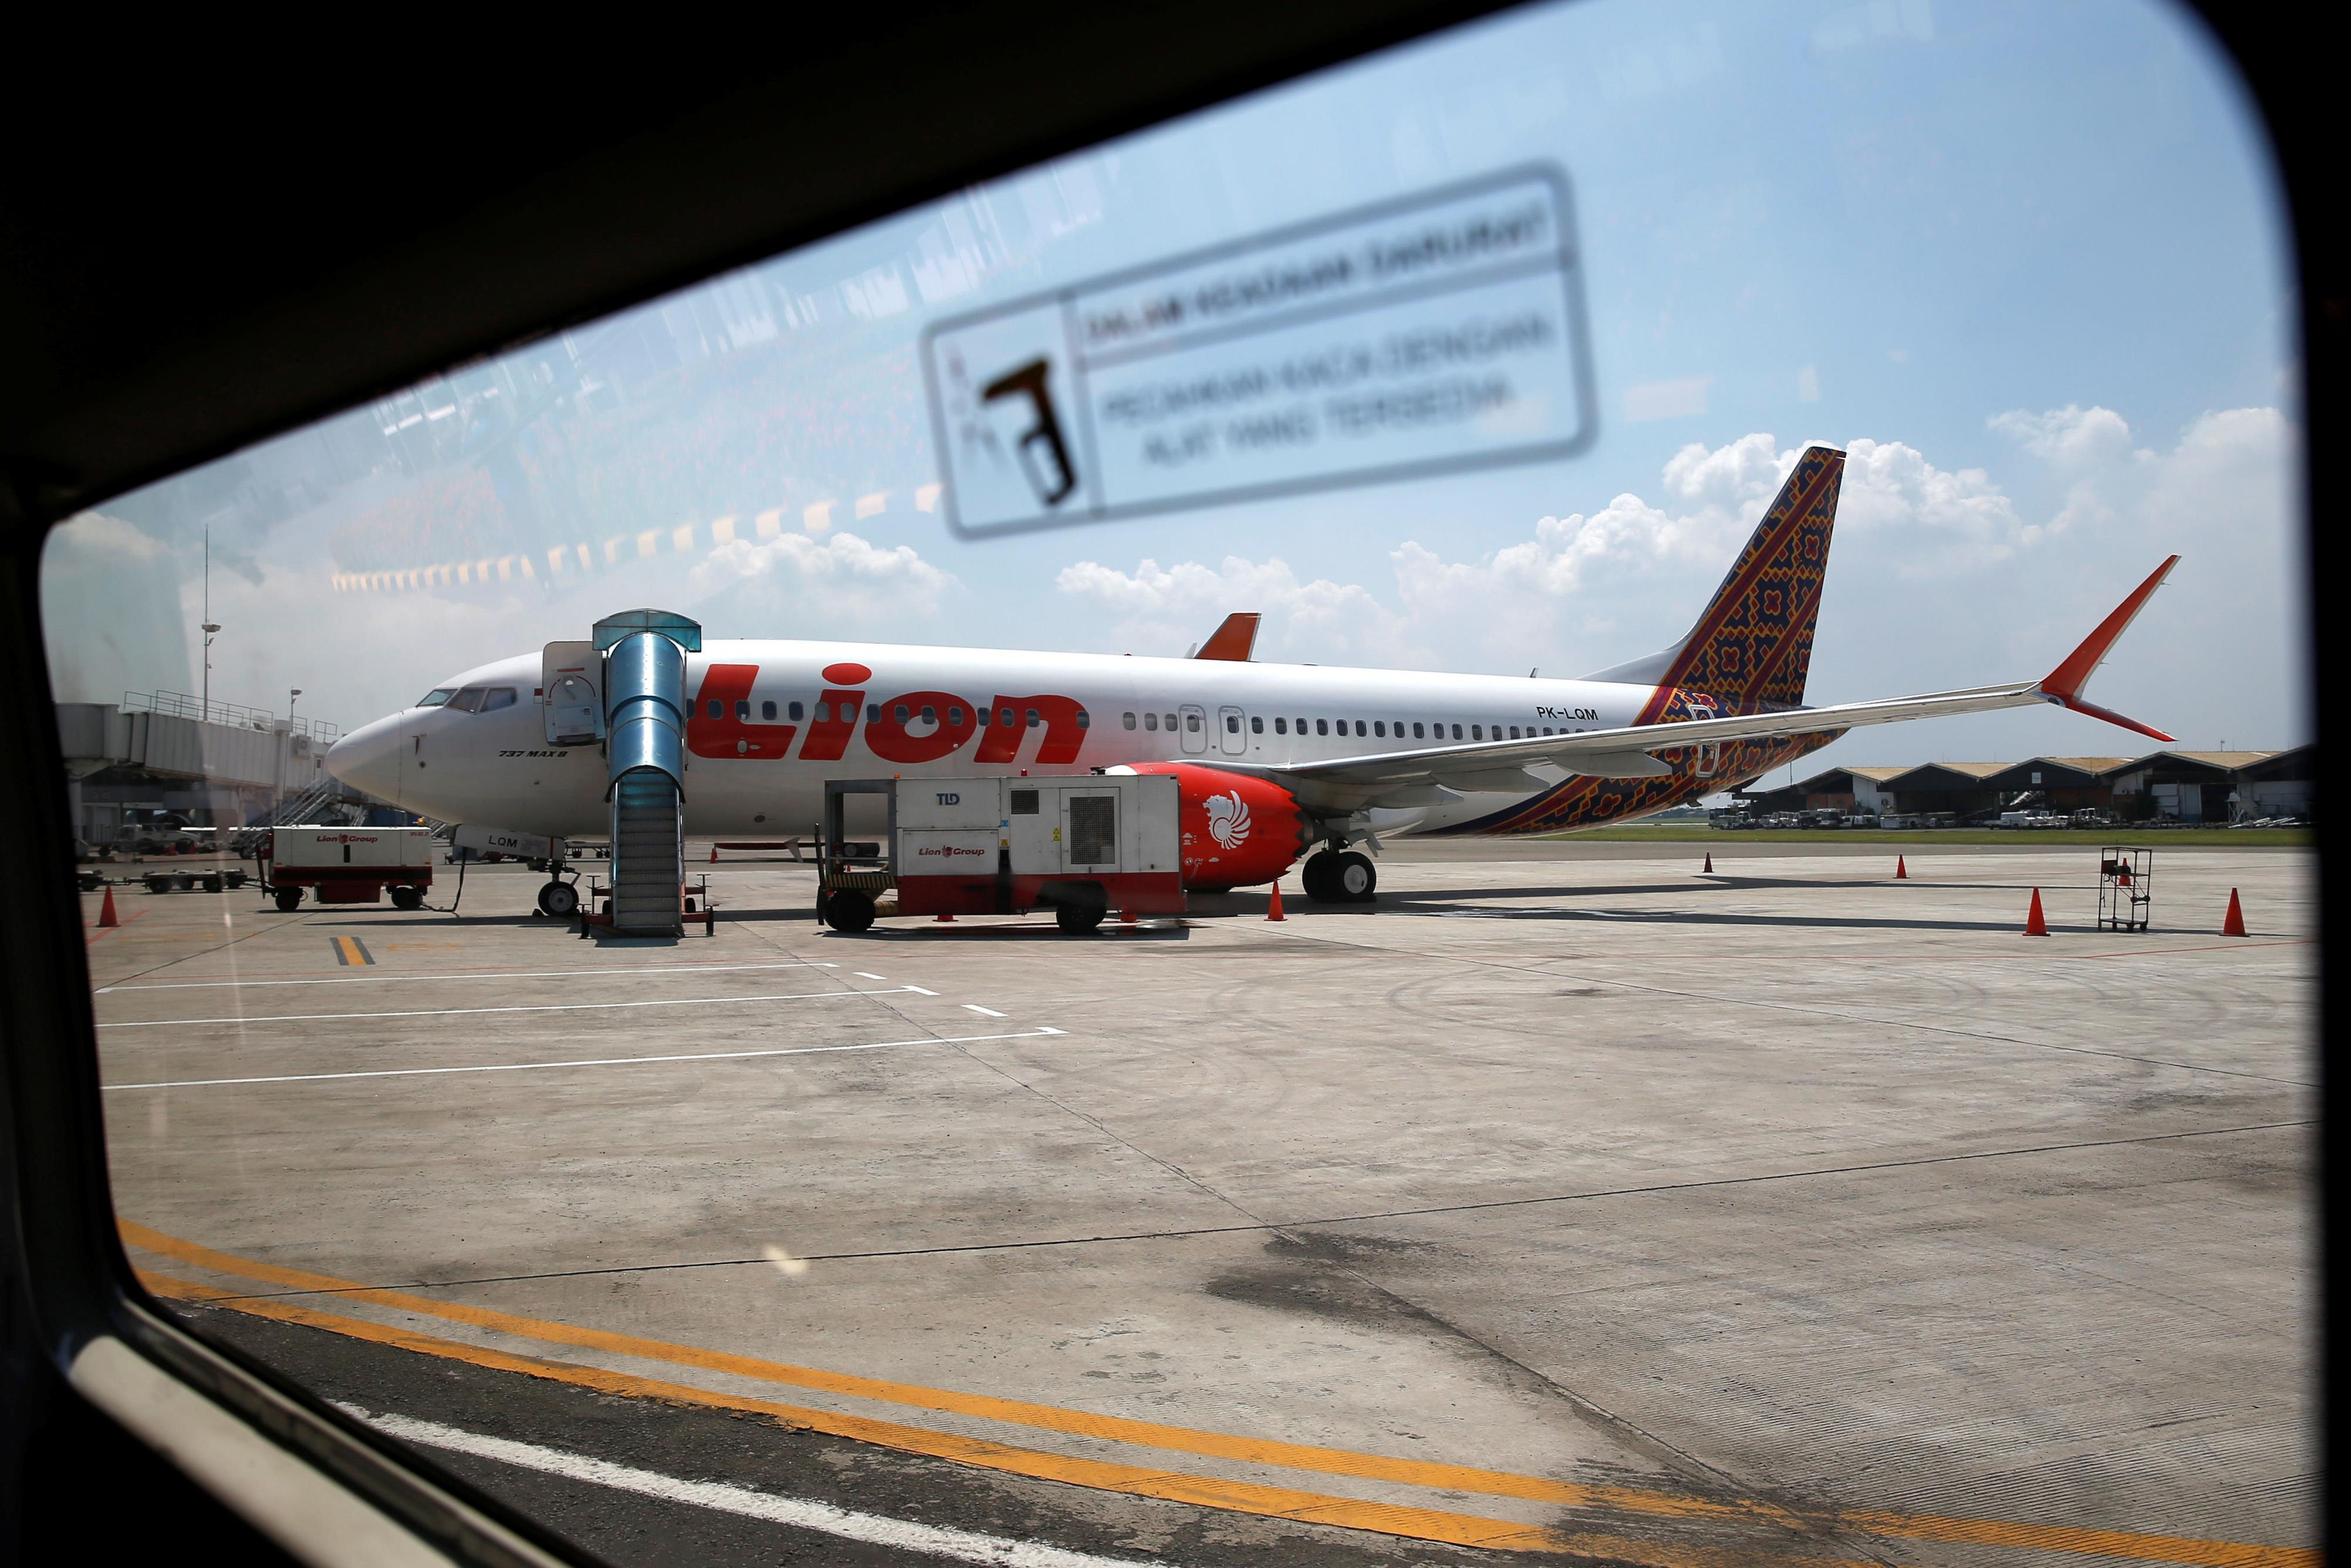 Un avion Boeing 737 MAX 8 de la compagnie indonésienne Lion Iar attend sur le tarmac d'un aéroport, près de Jakarta.